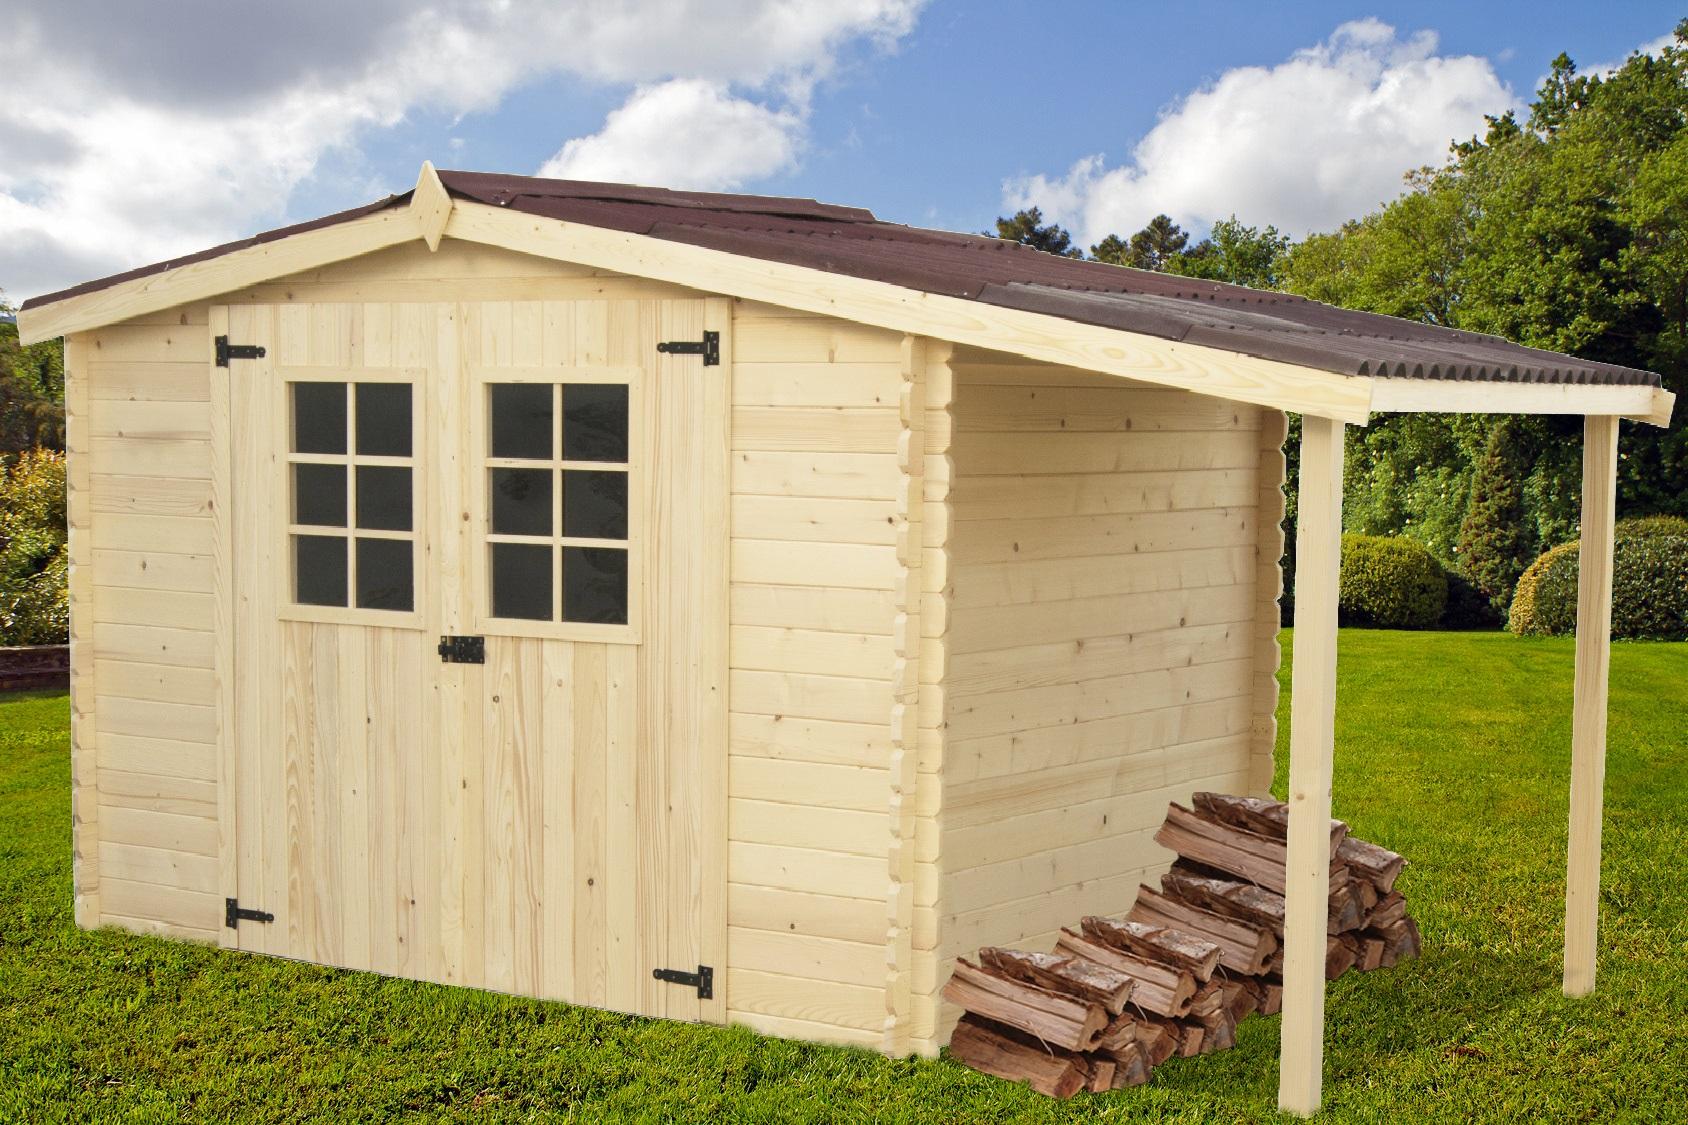 Cabane de jardin adossable Les cabanes de jardin abri